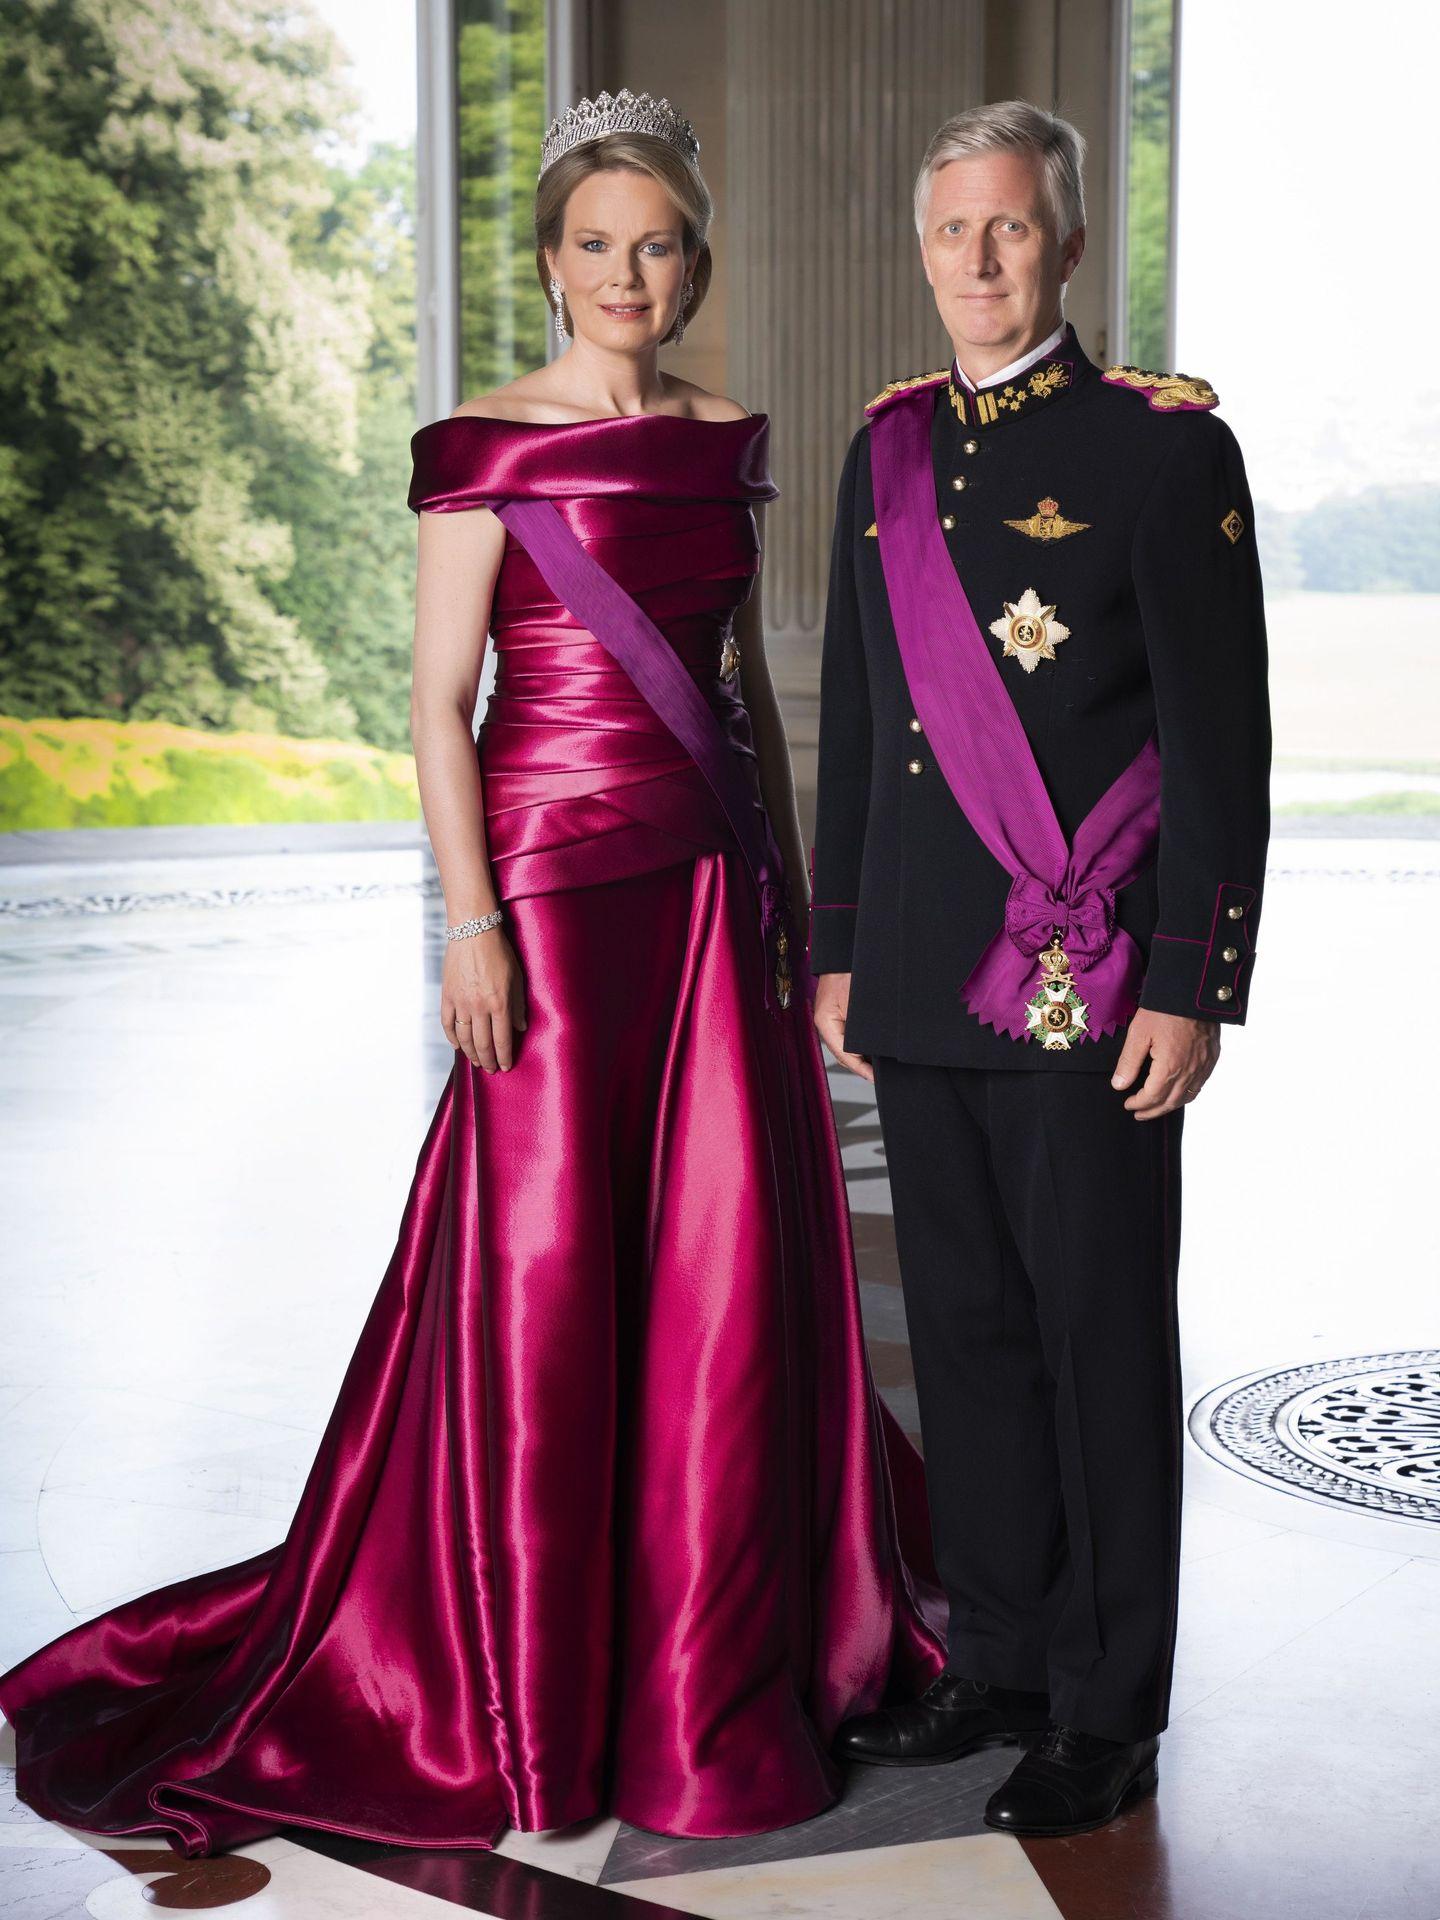 Fotografía de archivo de los reyes Felipe y Matilde, facilitada por el Palacio Real de Bélgica. (EFE)